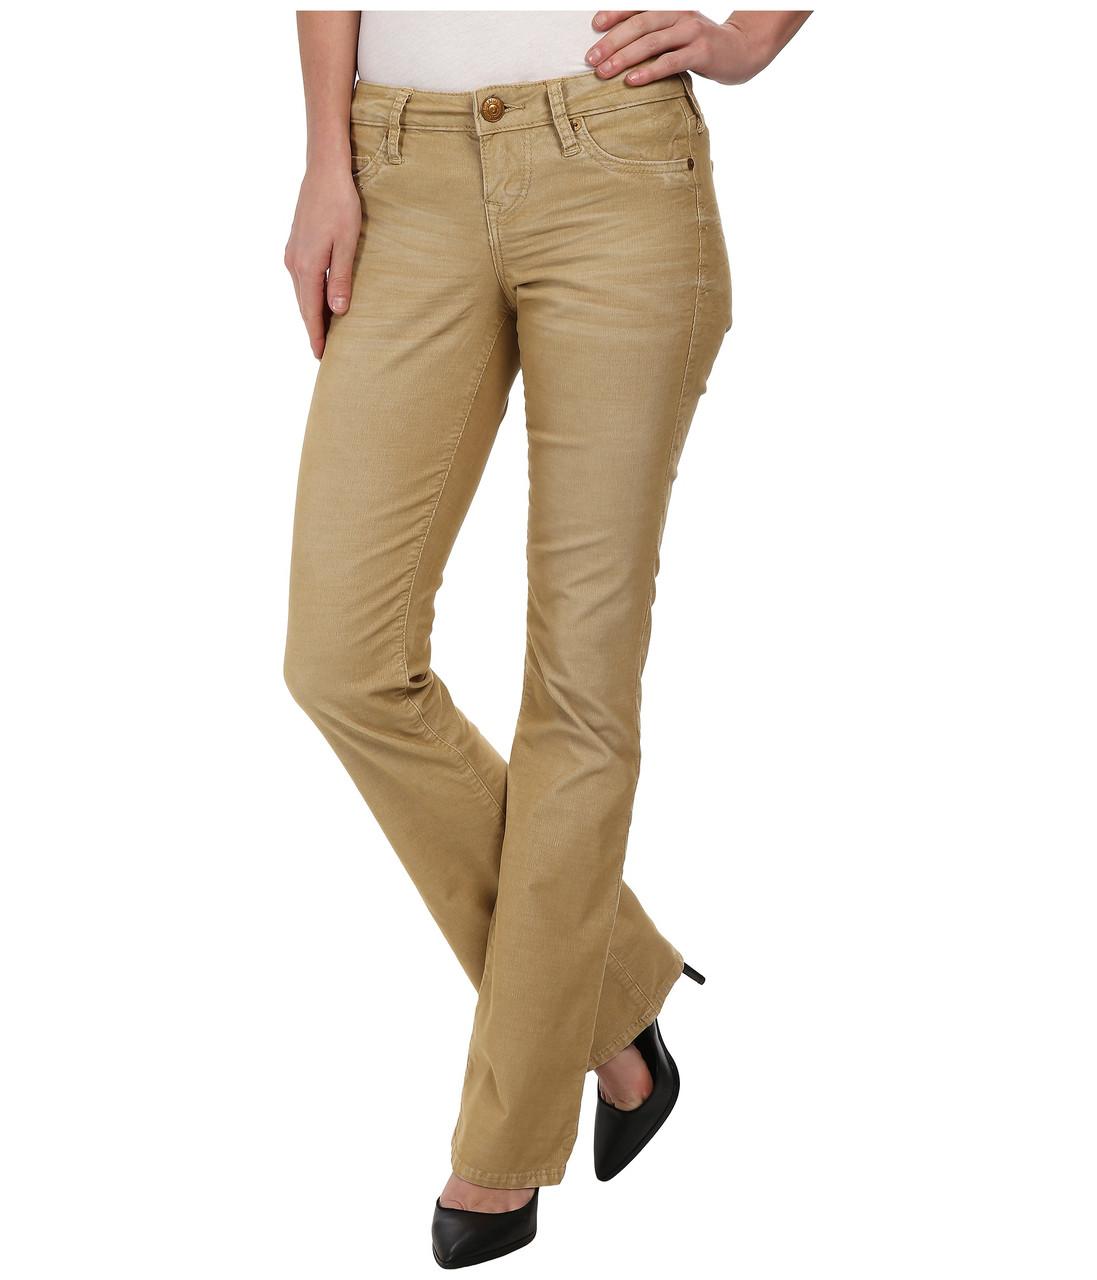 Американские джинсы классические американские джинсы